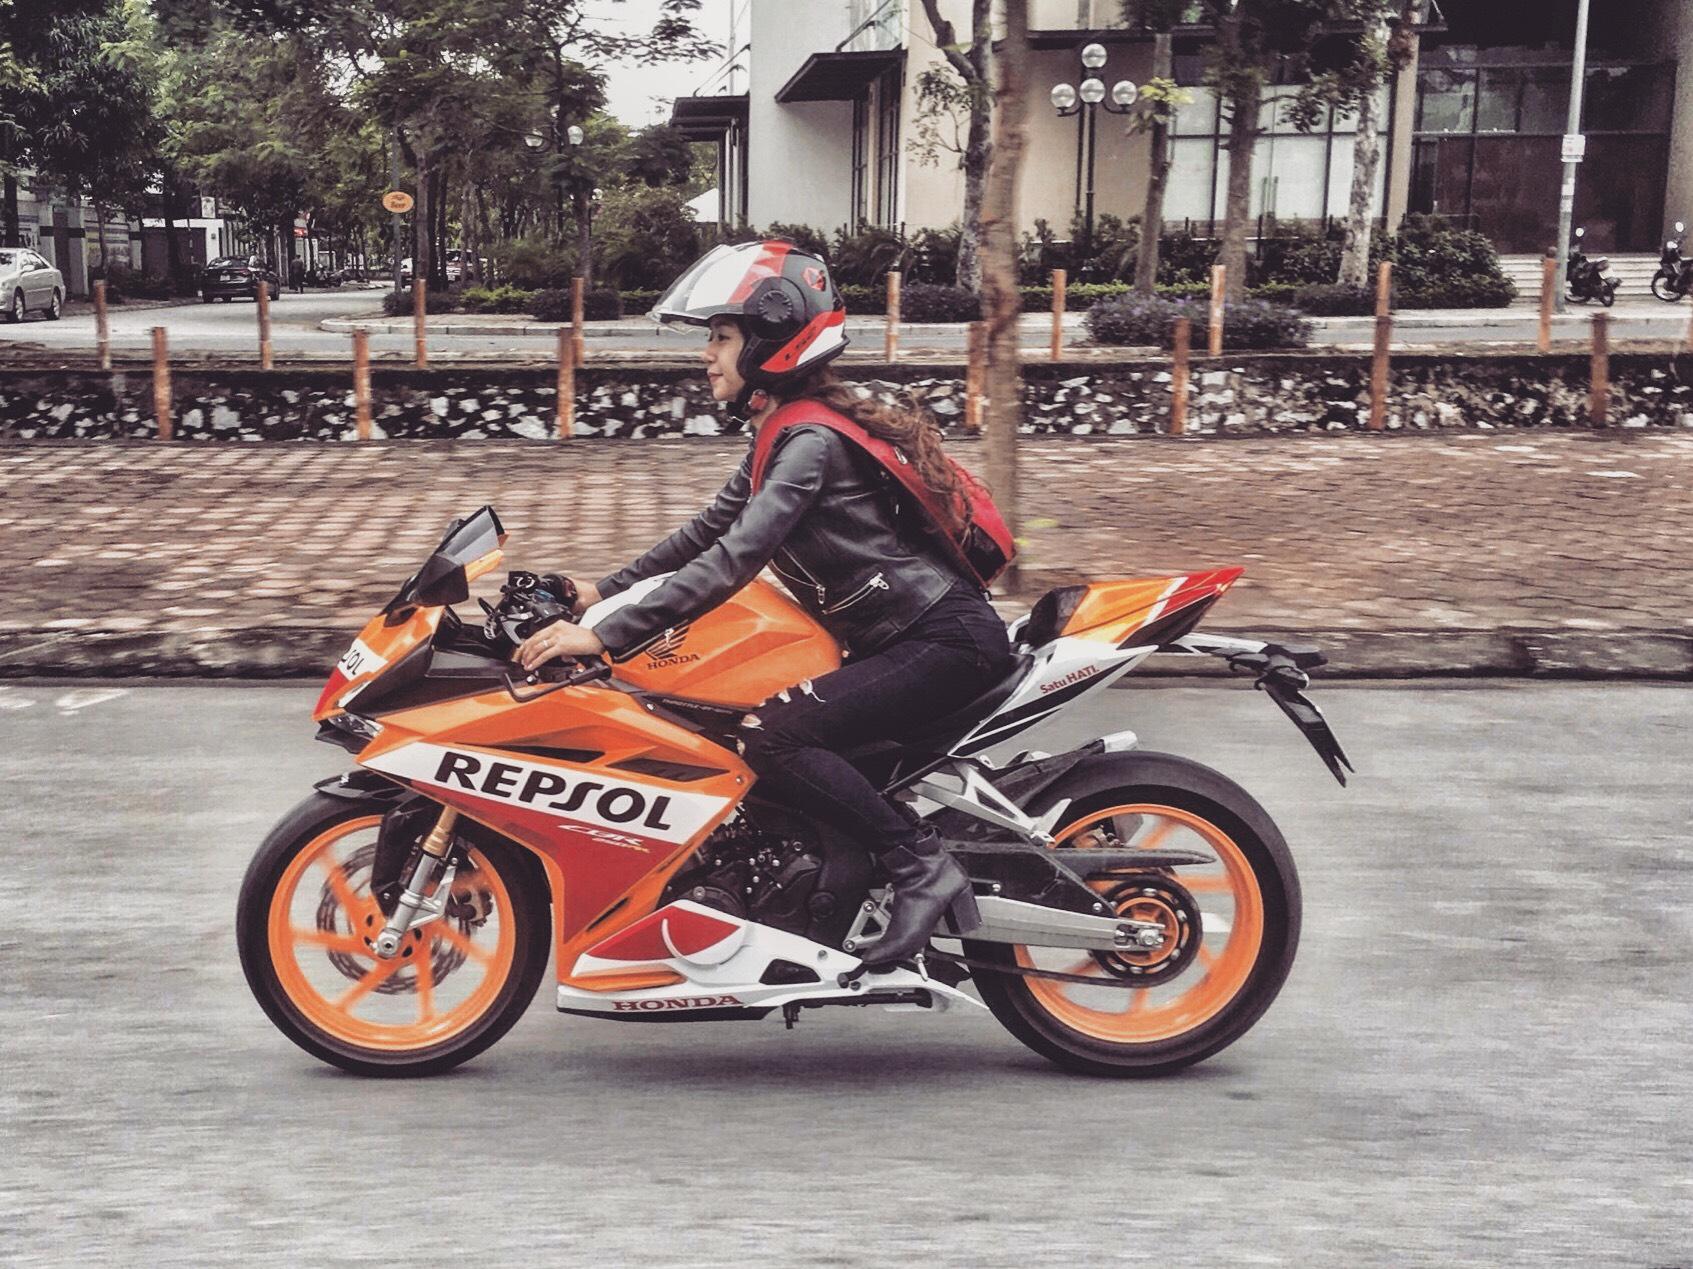 Nữ biker Diễm Trần xinh đẹp hớp hồn cánh mày râu, lại đa tài hiếm có - Ảnh 3.